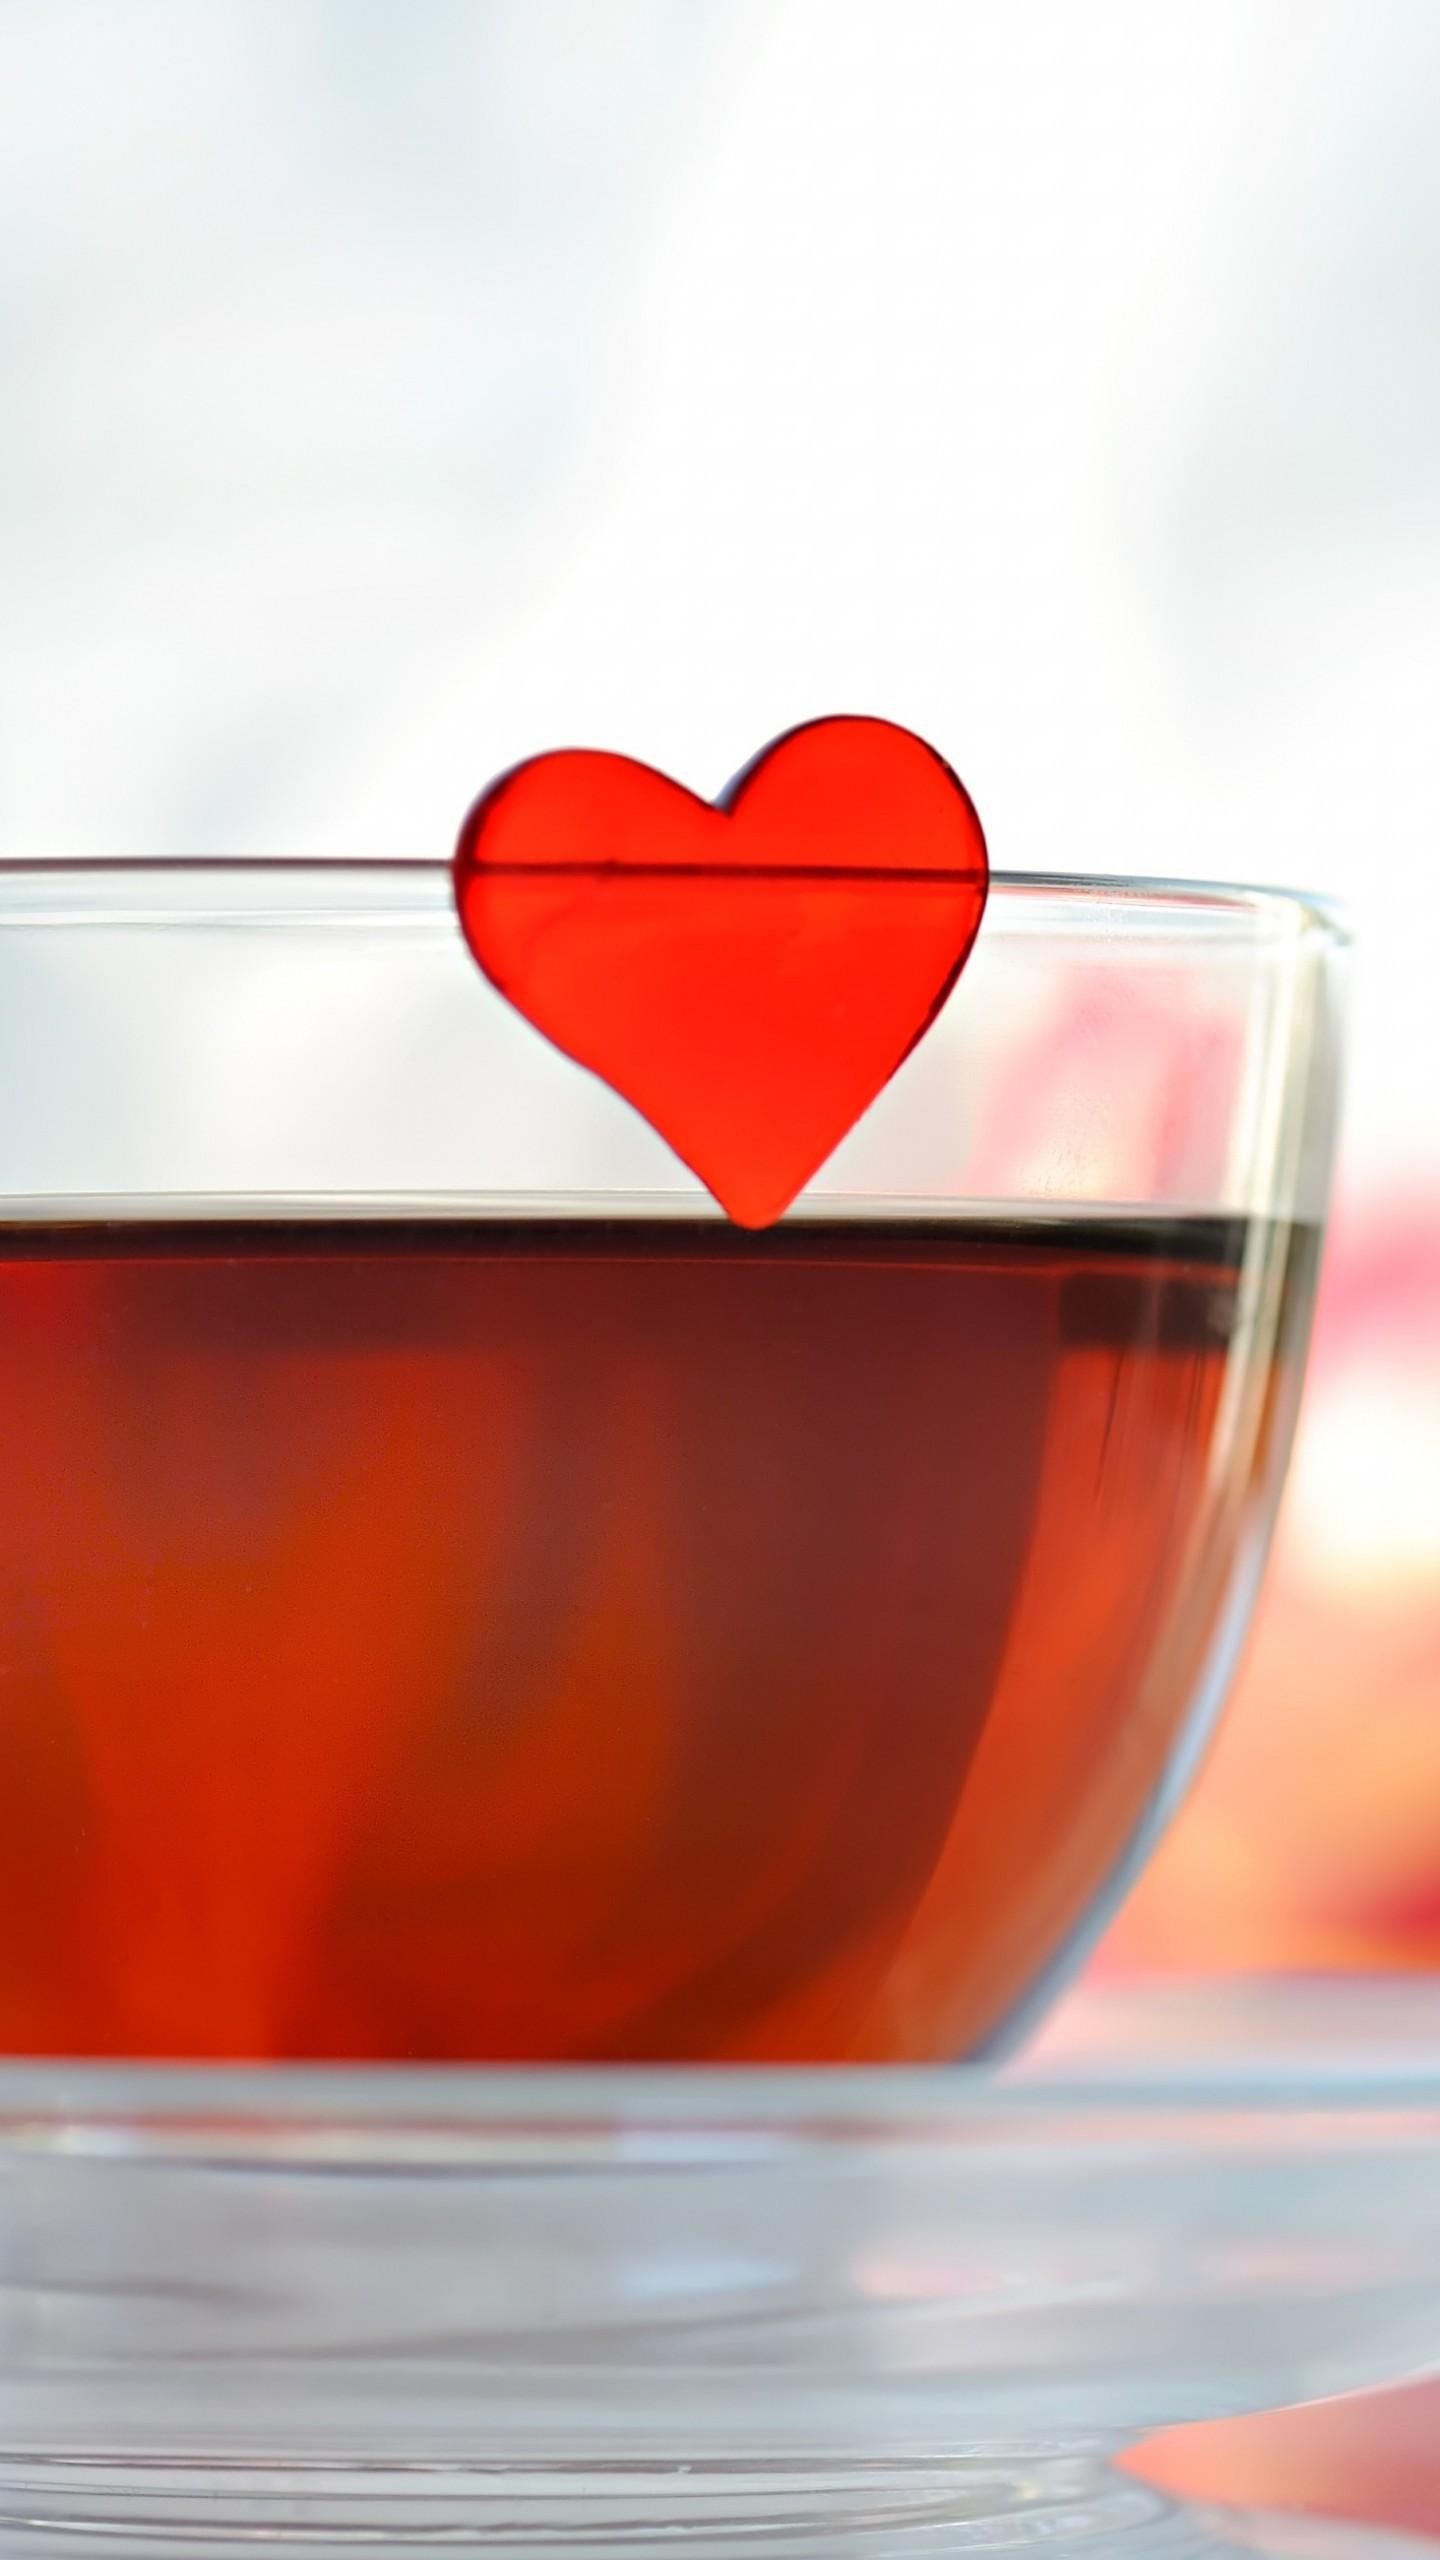 عکس زمینه قلب عاشقانه در فنجان چای پس زمینه